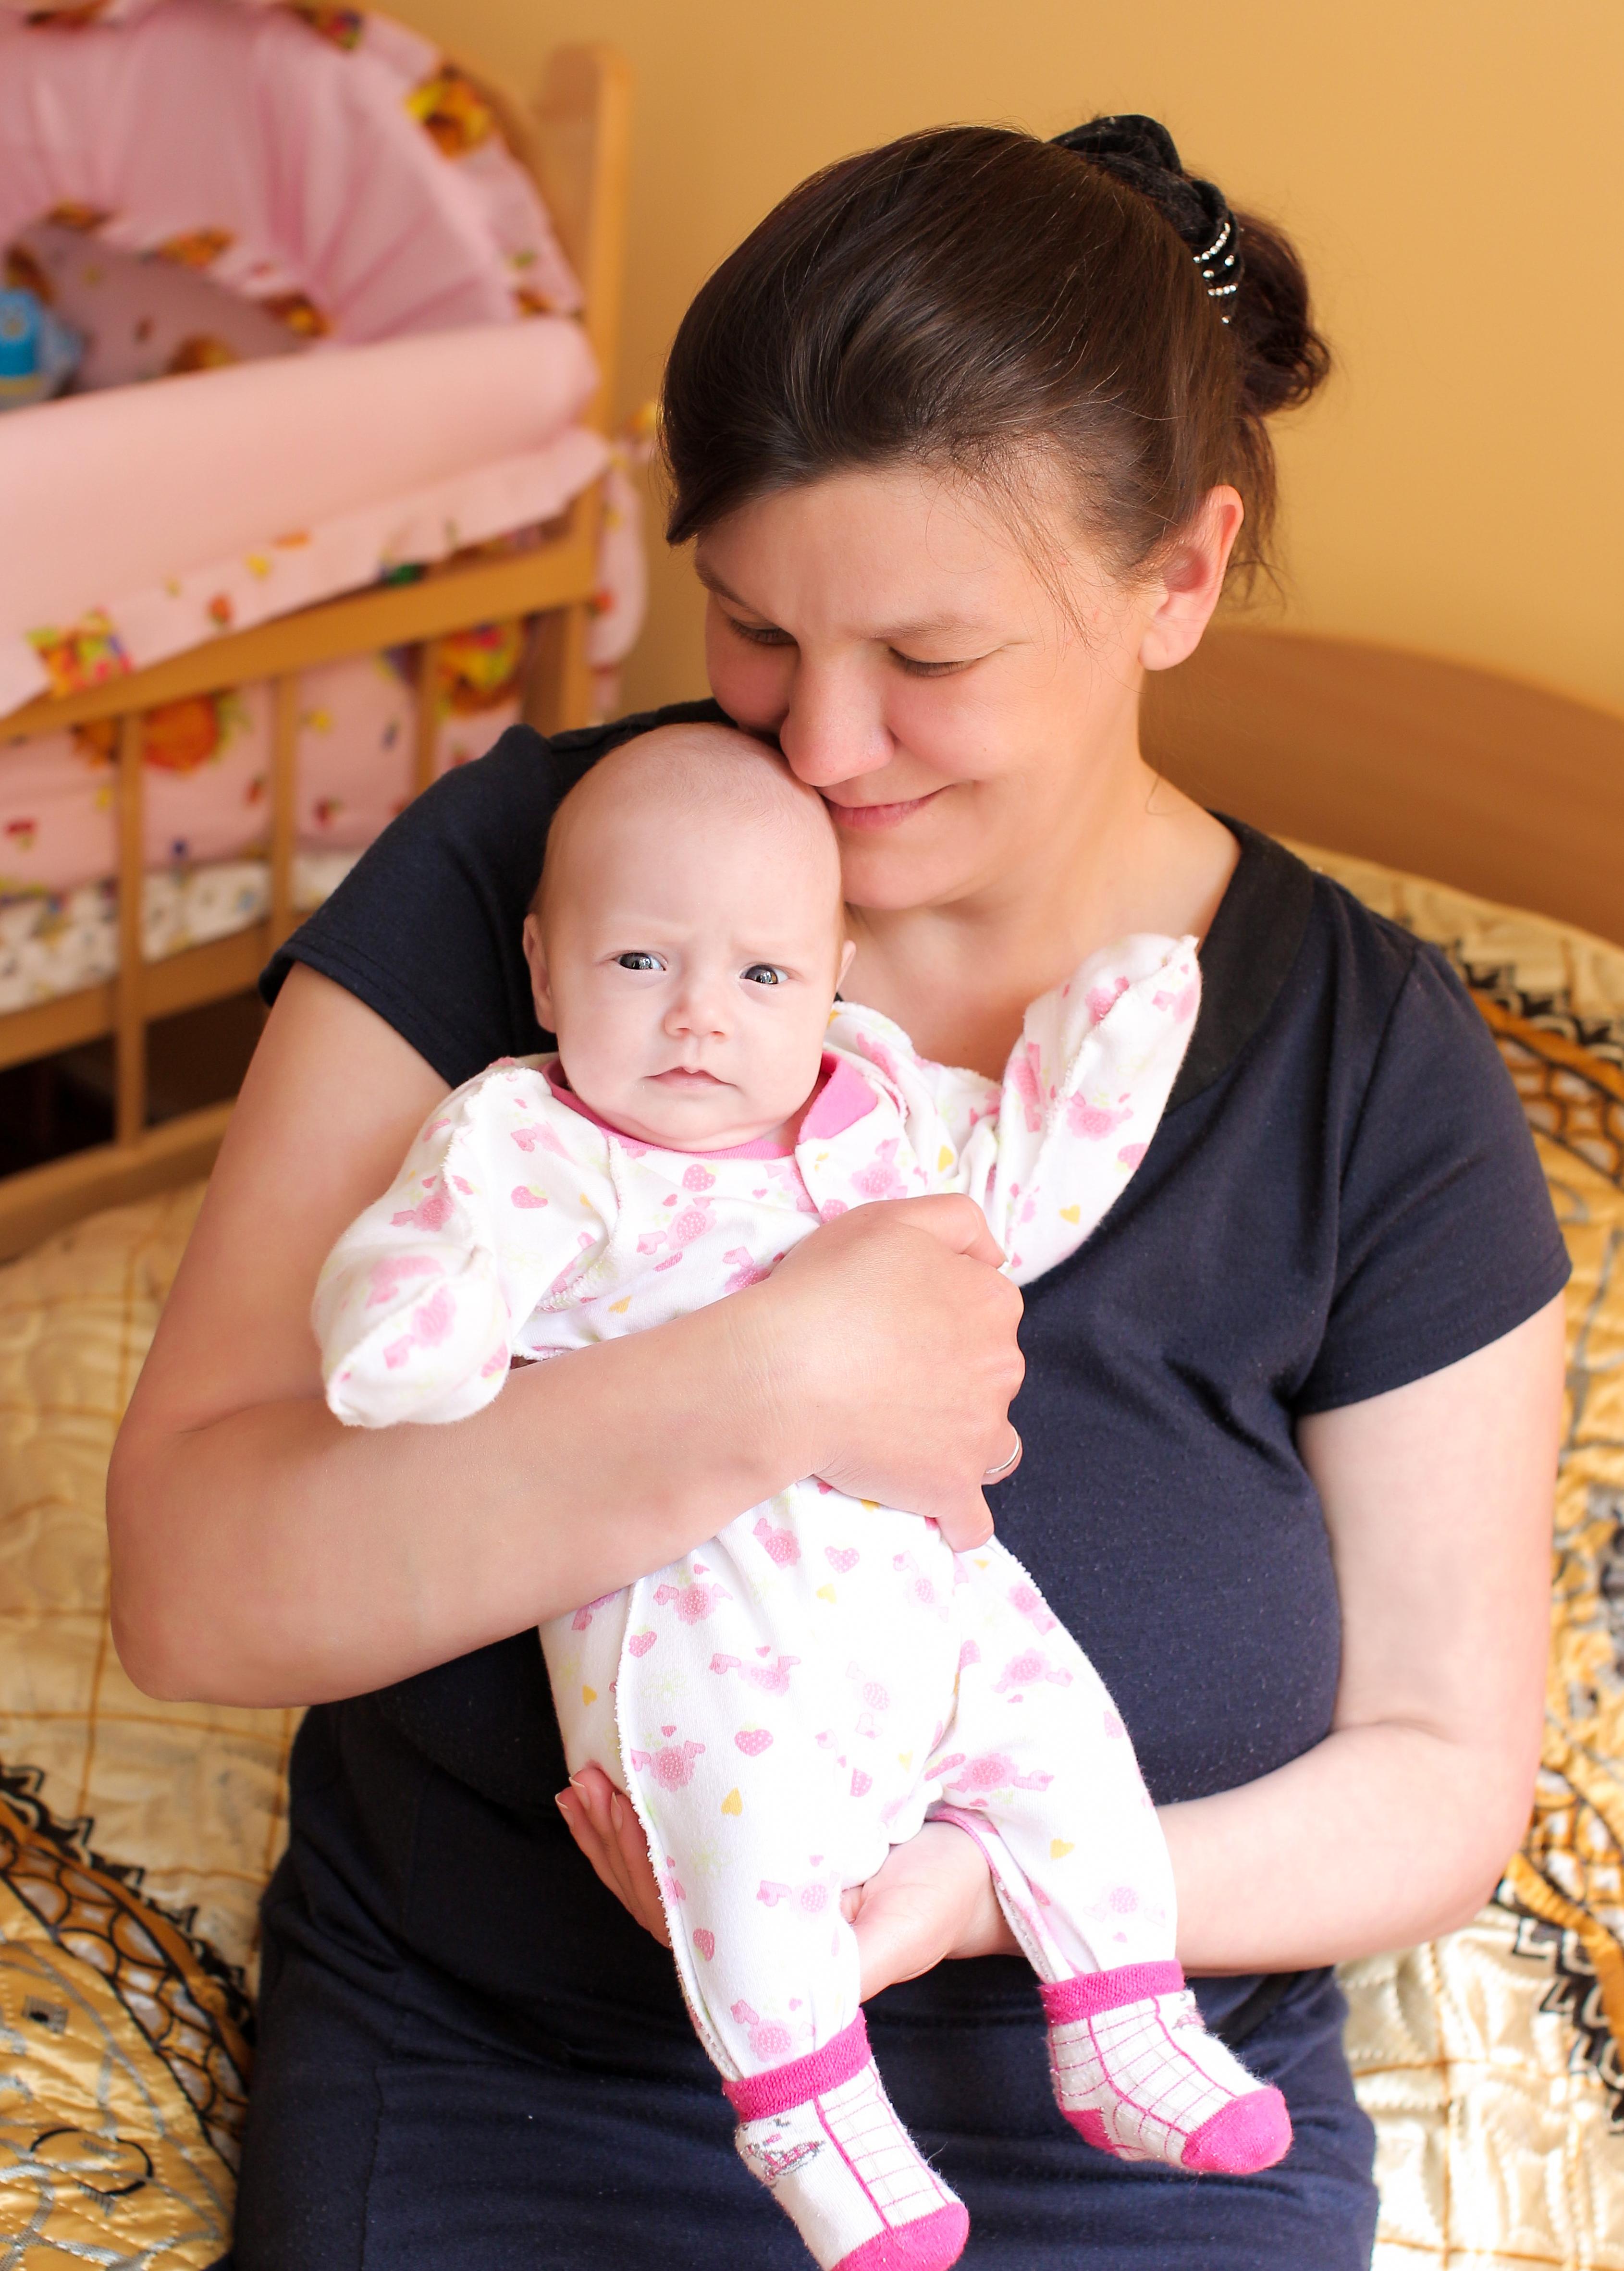 Proyecto de mes: Renovación de un centro de asesoría para mujeres embarazadas en Rusia